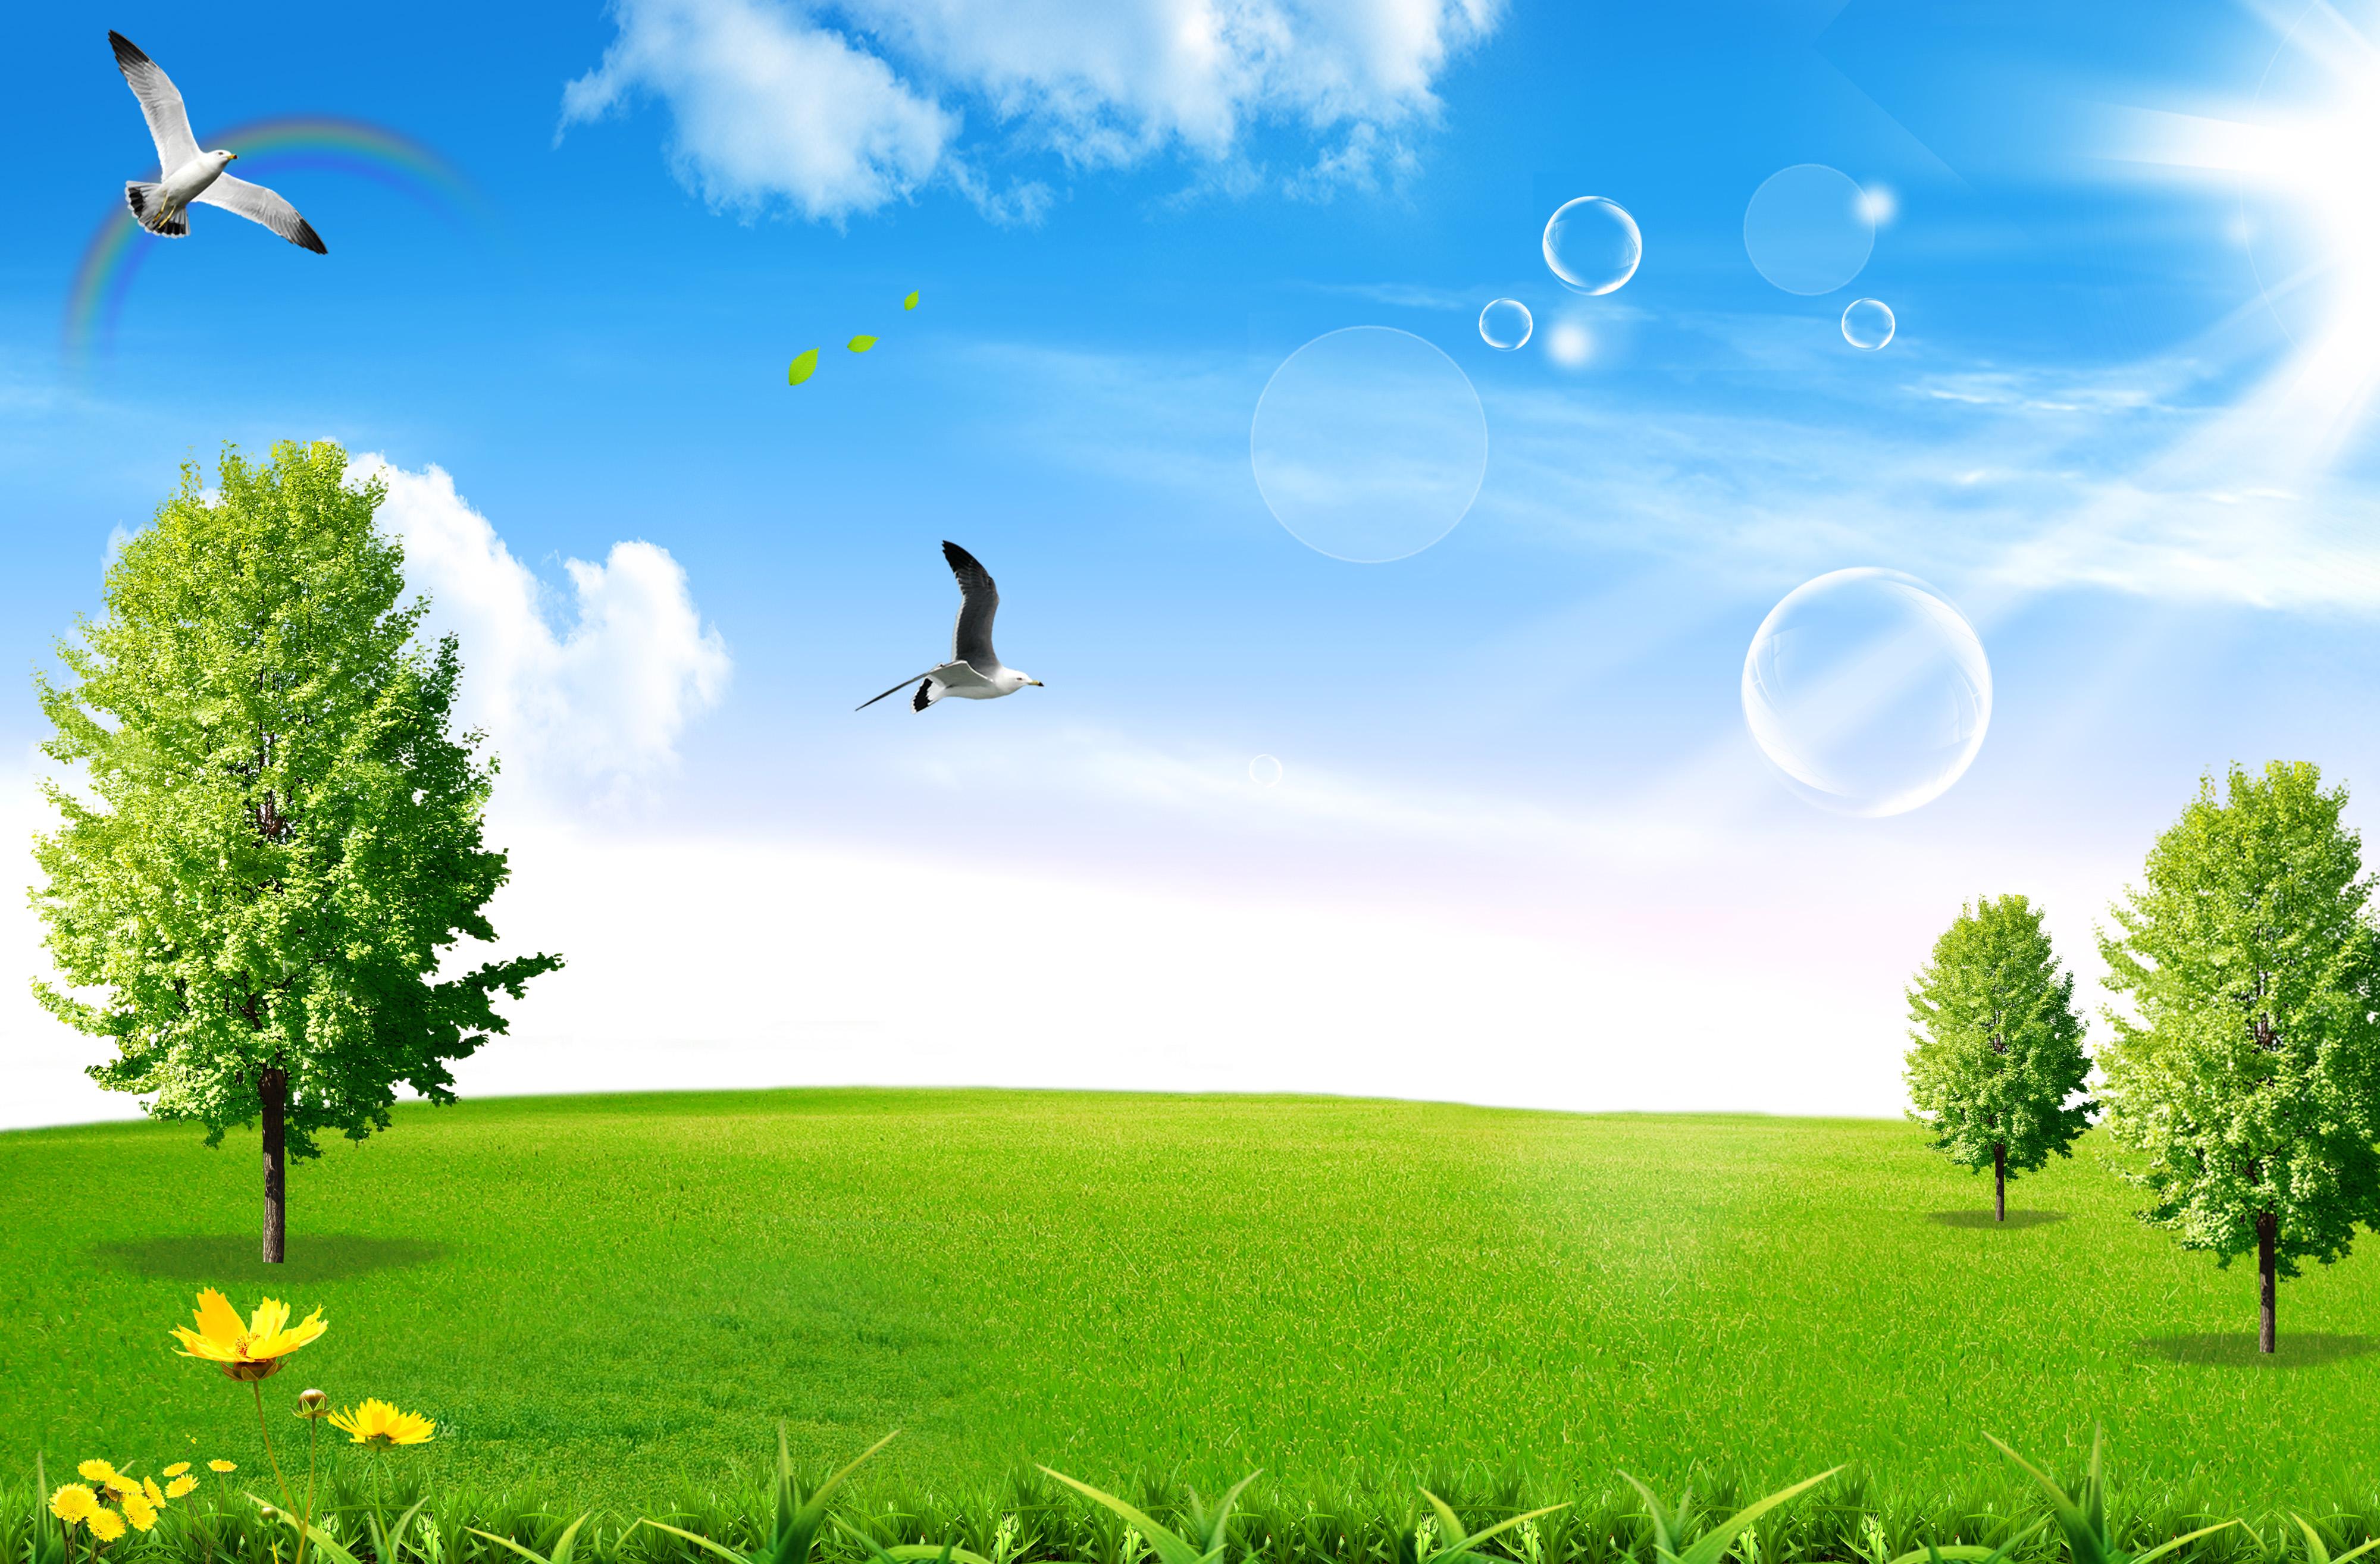 Màu xanh ngát của phồng nền tạo cảm giác yên bình